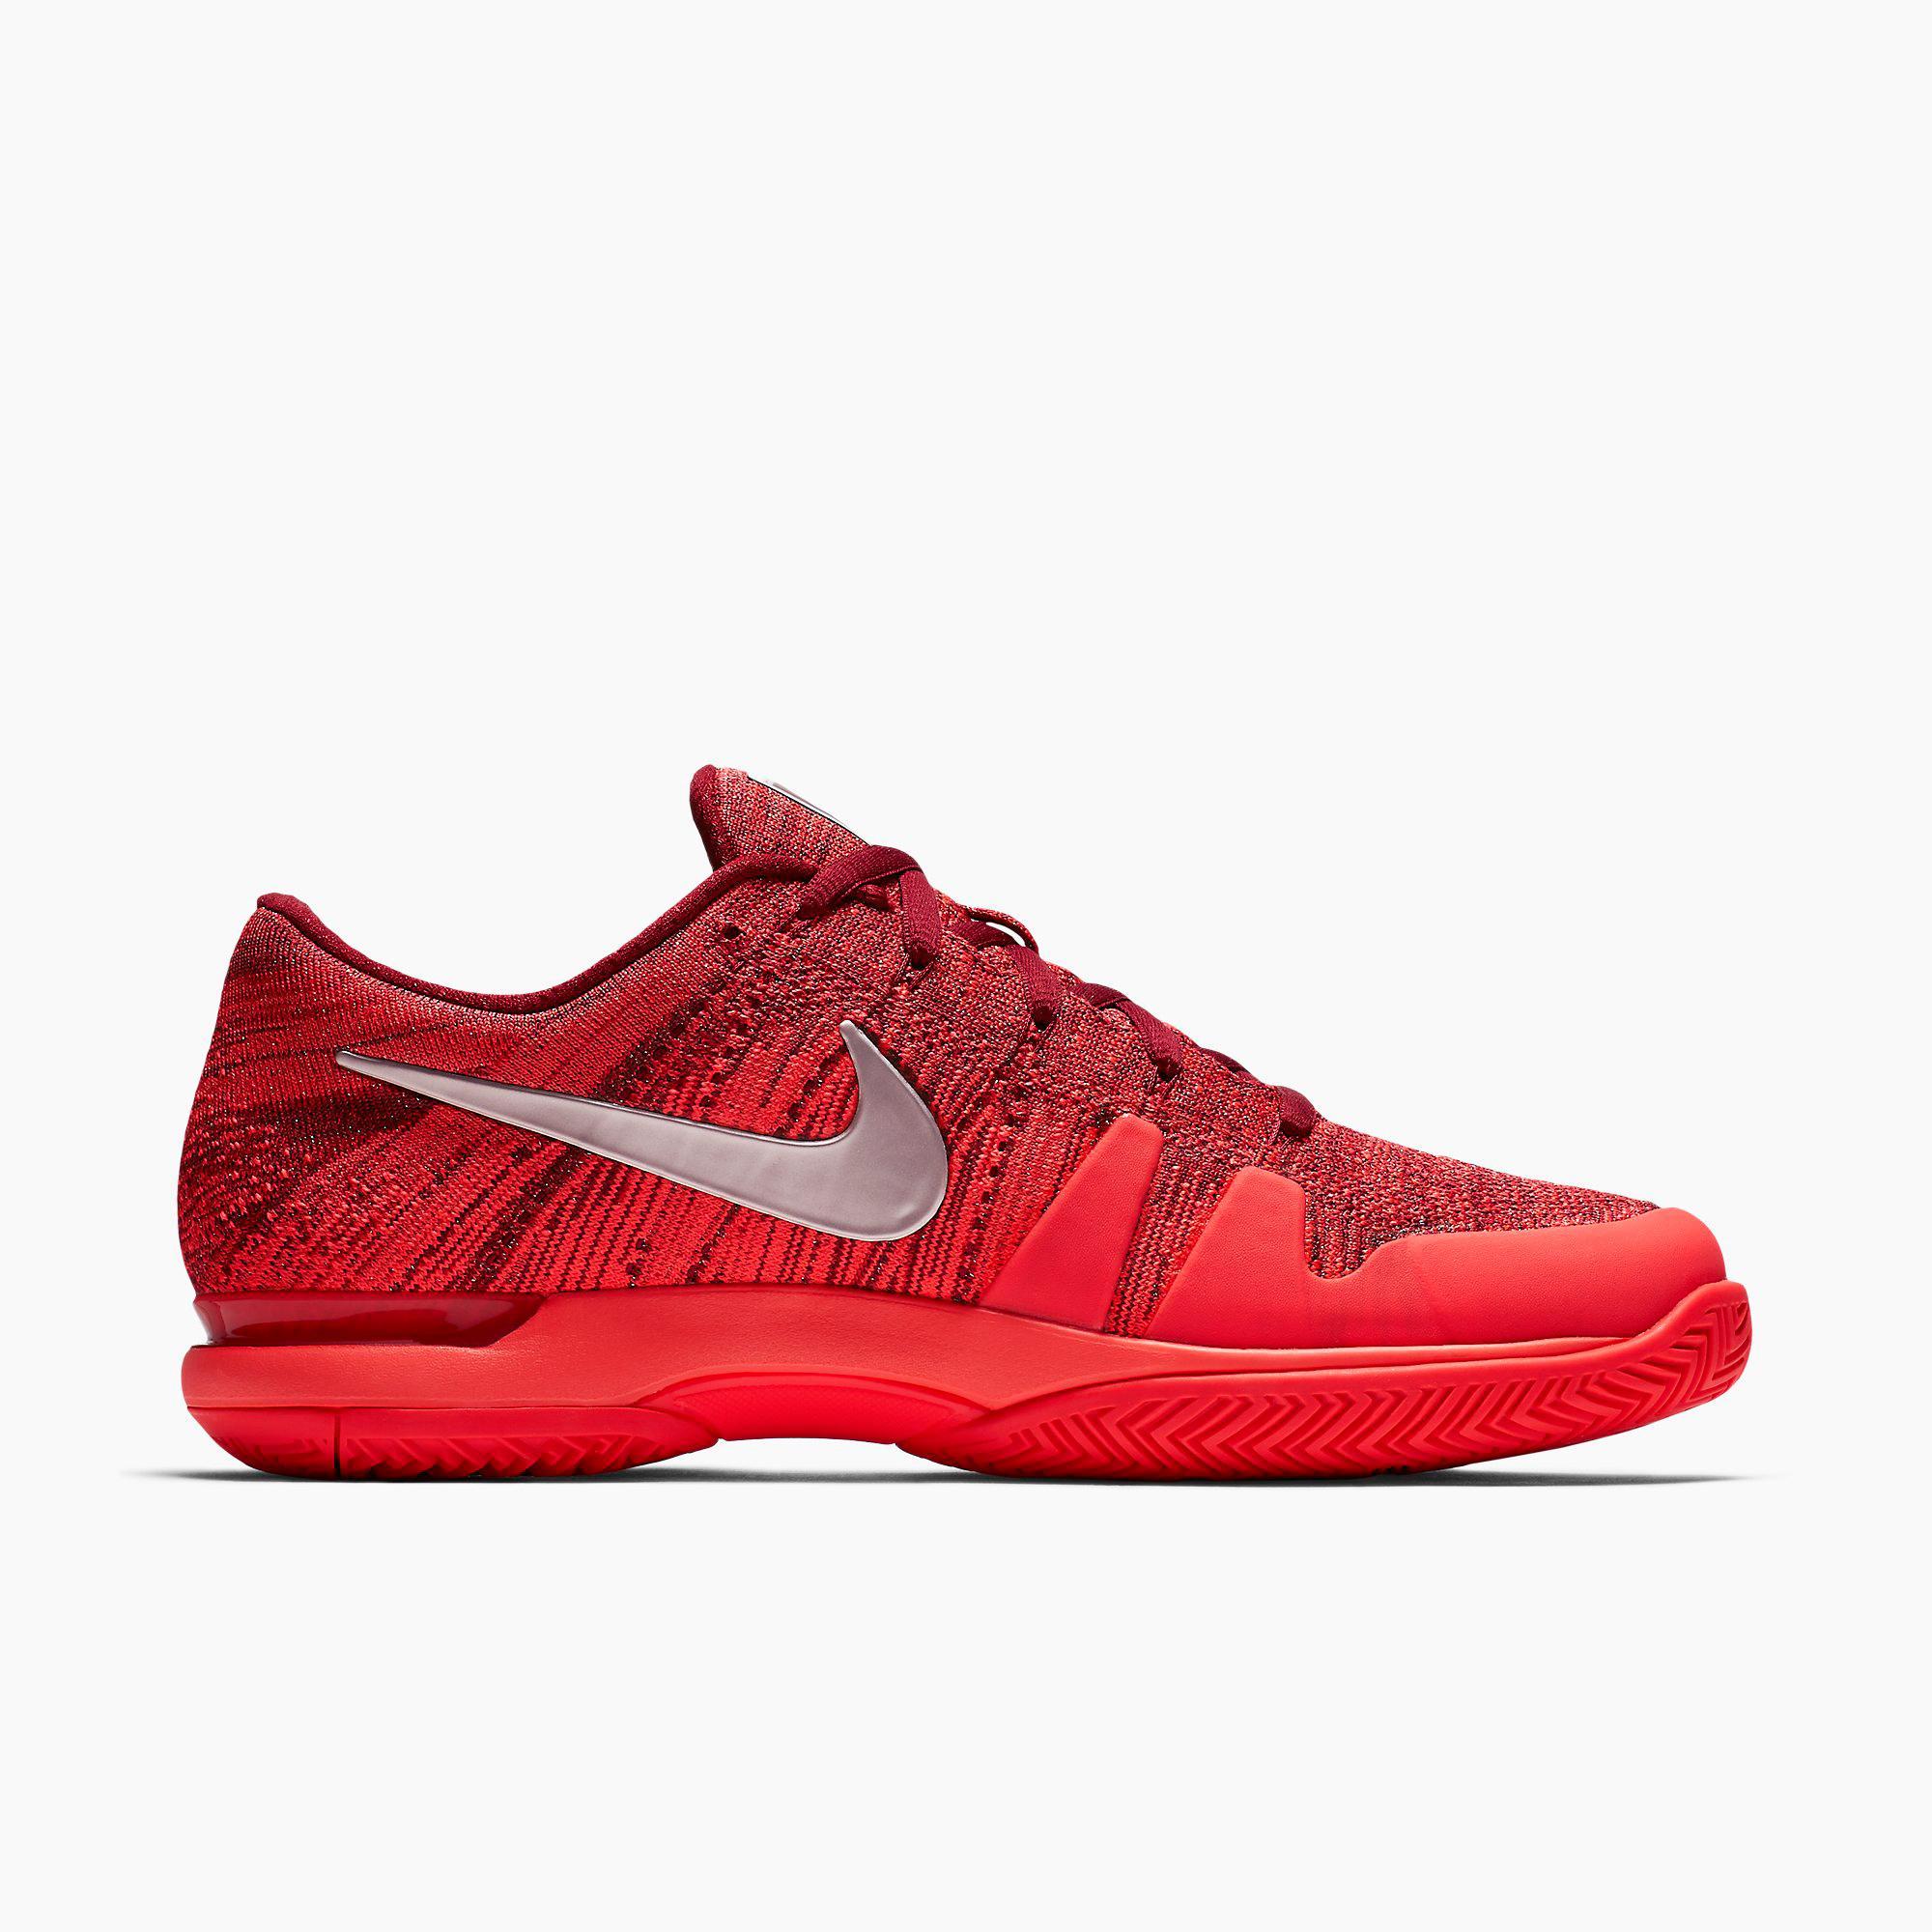 Nike Vapor Tennis Shoes Red